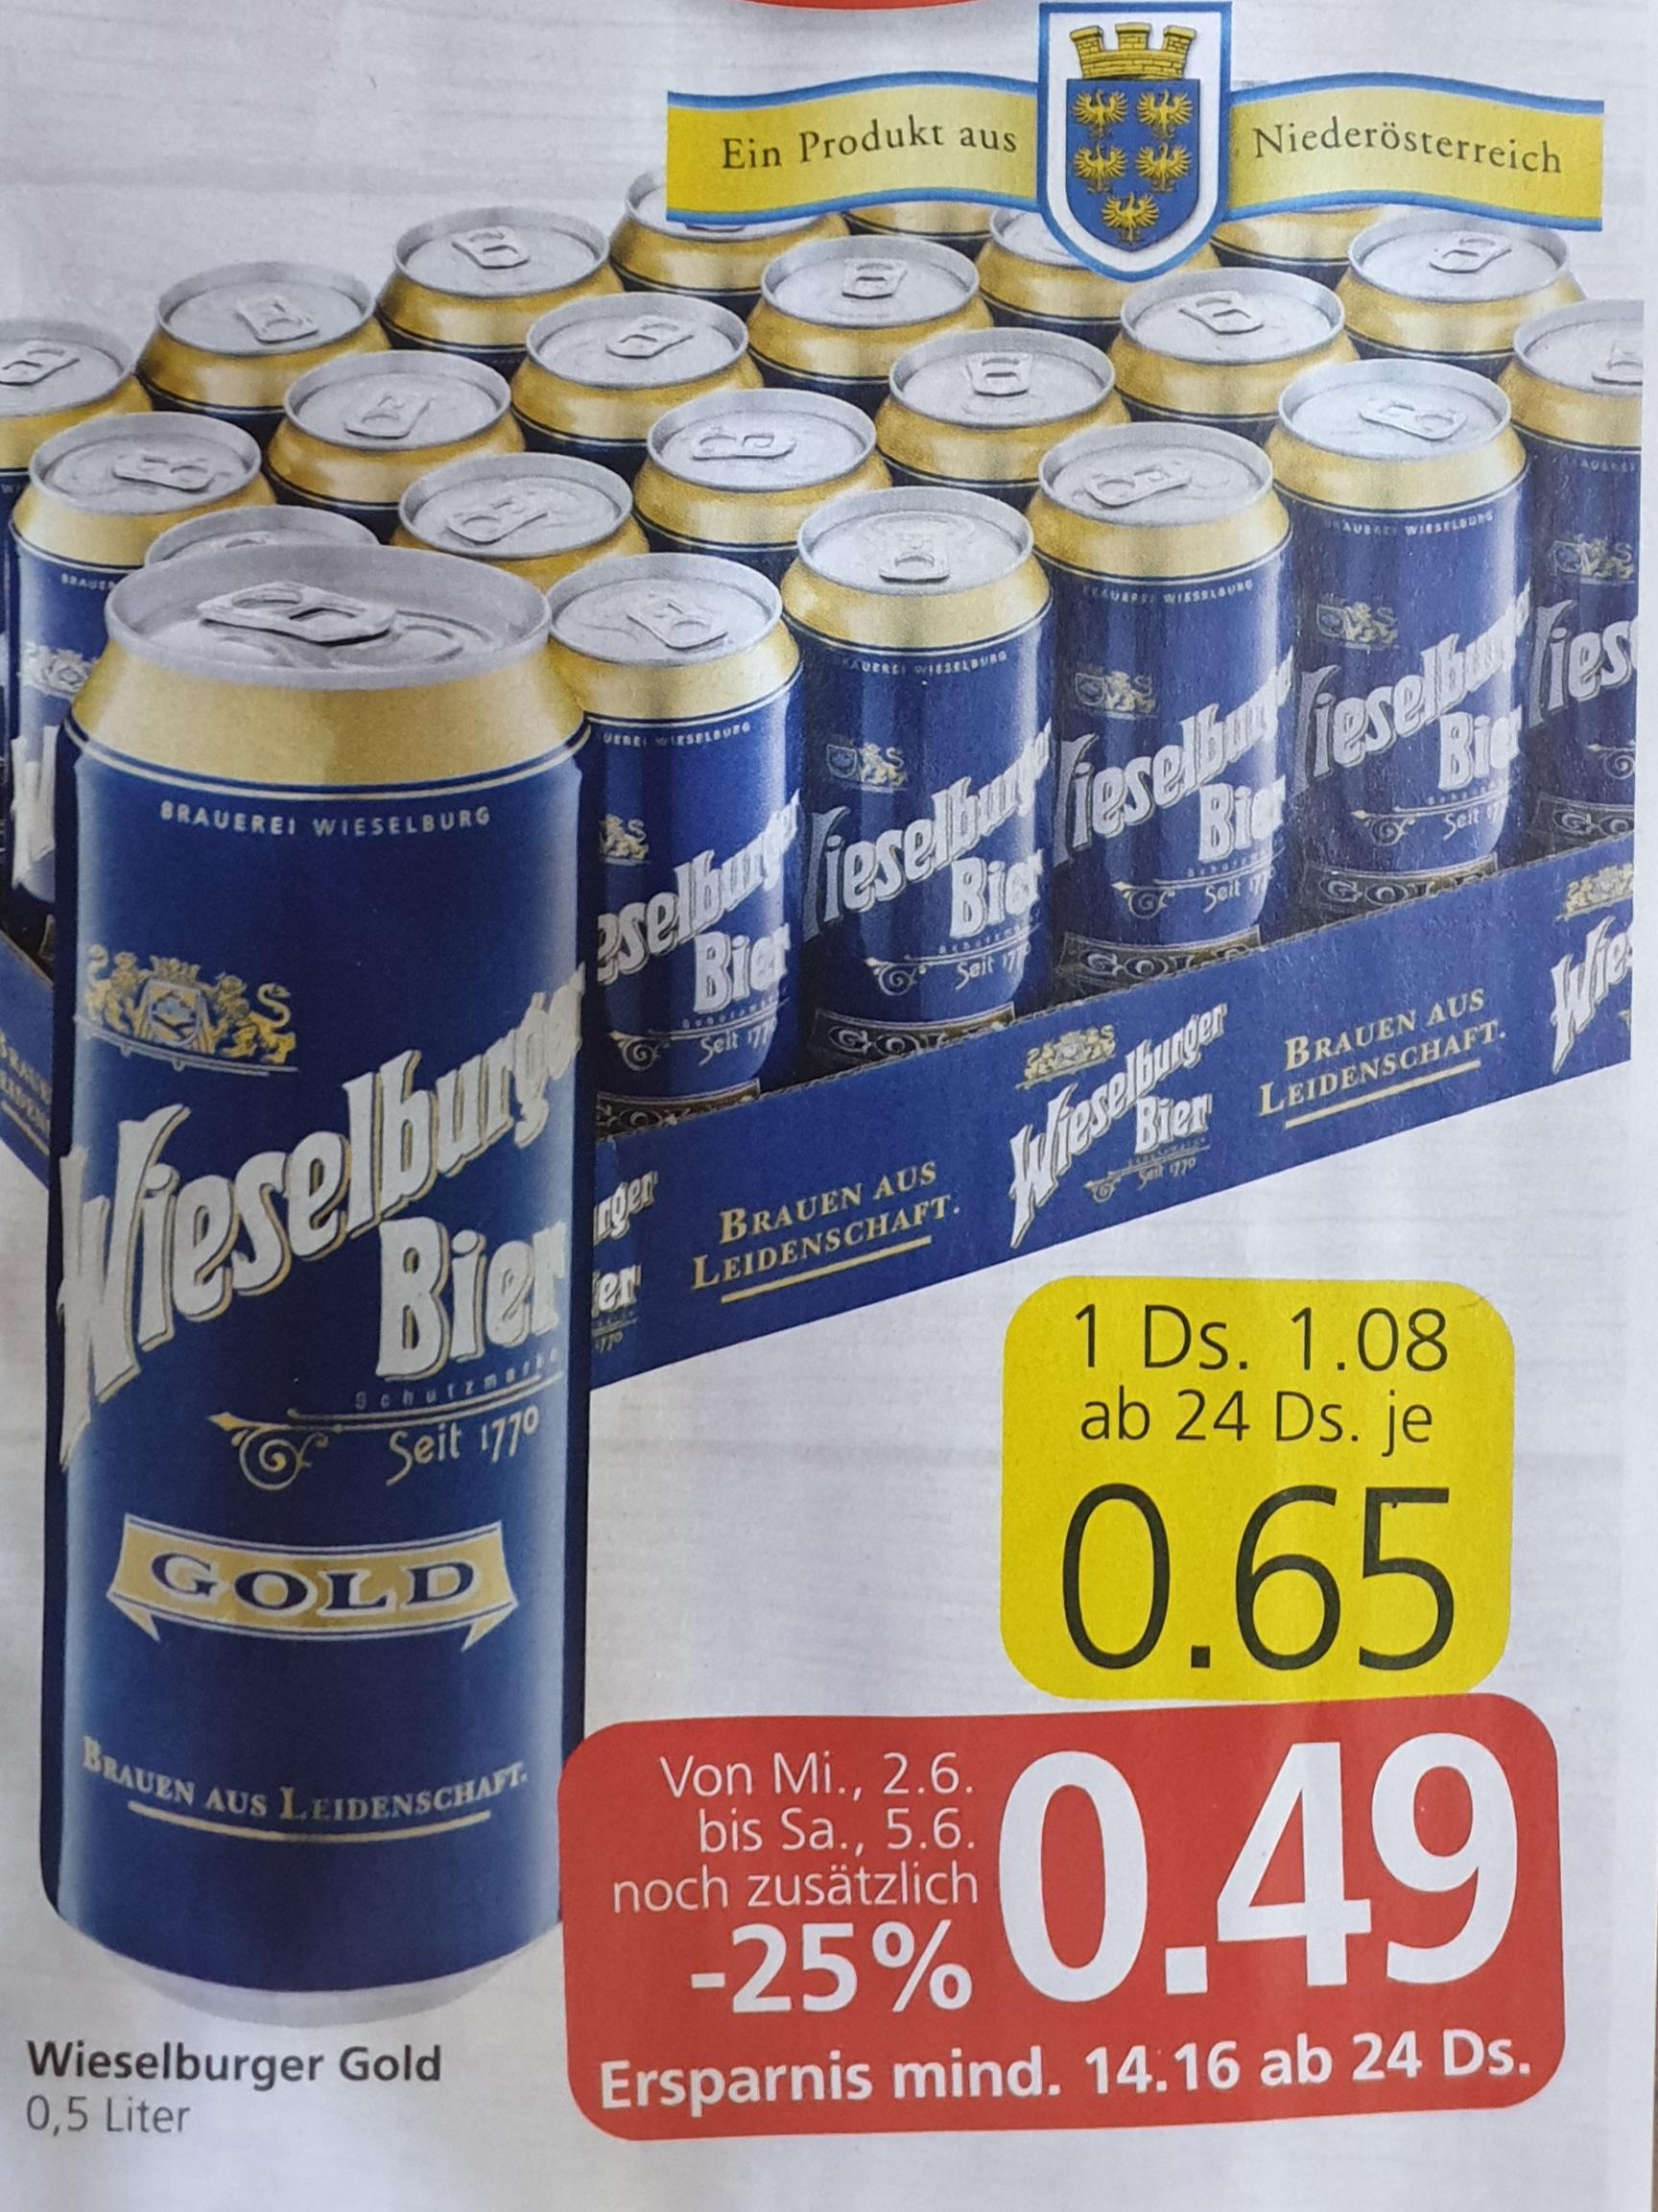 -25% auf ALLE Wieselburger Biere bei Spar, Eurospar und Interspar